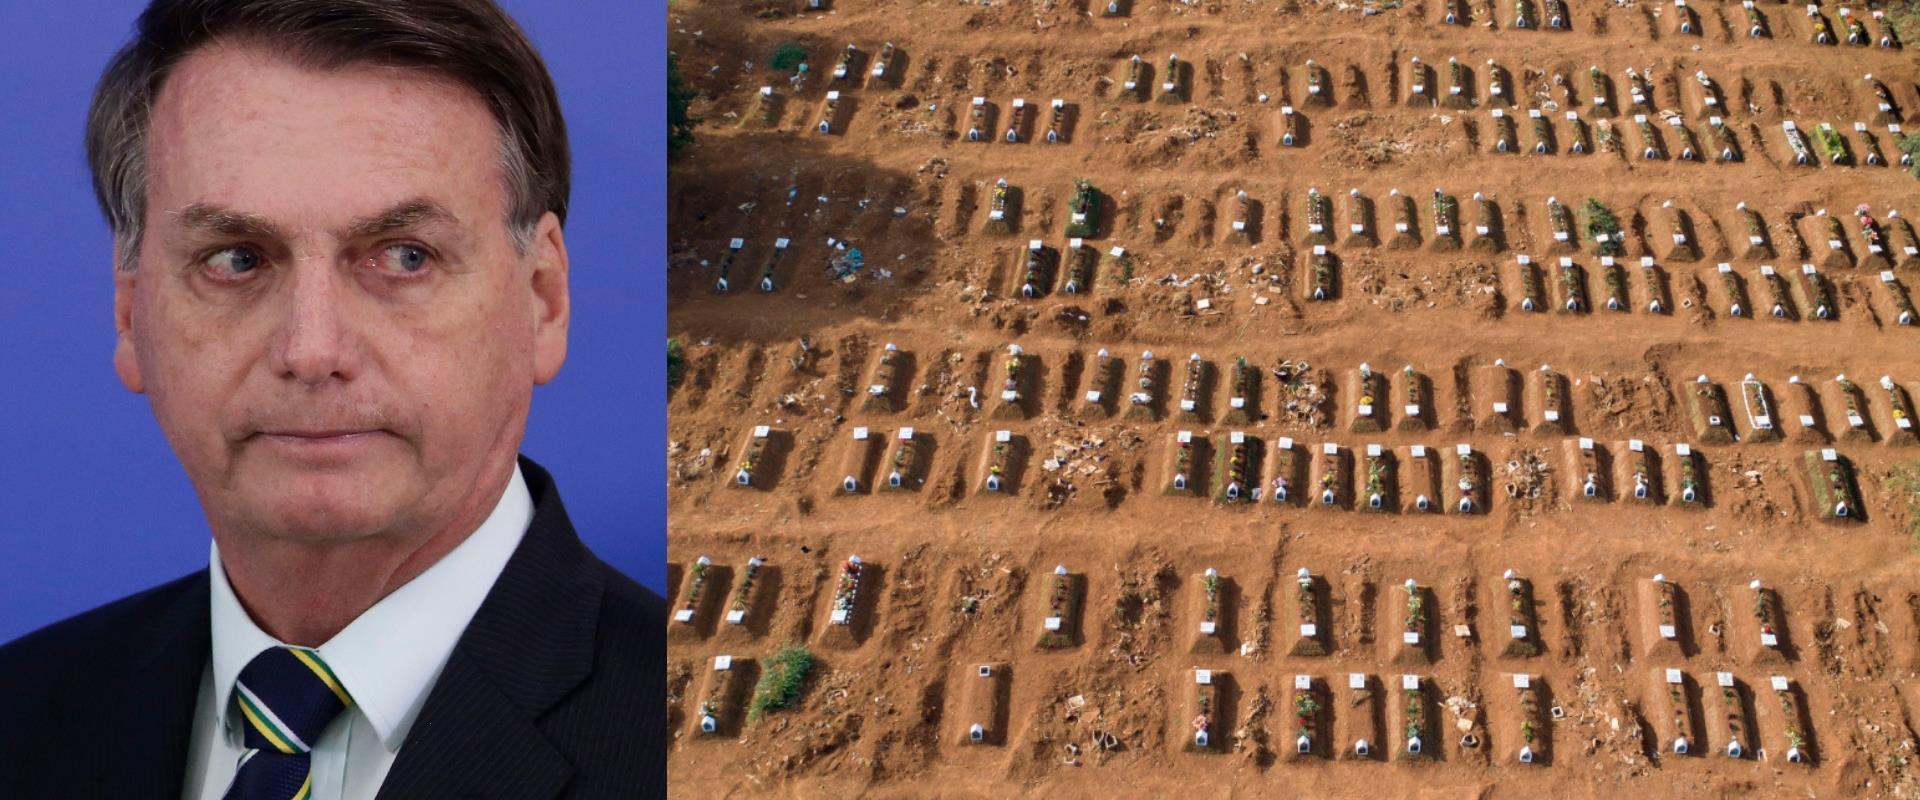 חלקת המתים מקורונה בסאו פאולו השבוע, הנשיא בולסונא